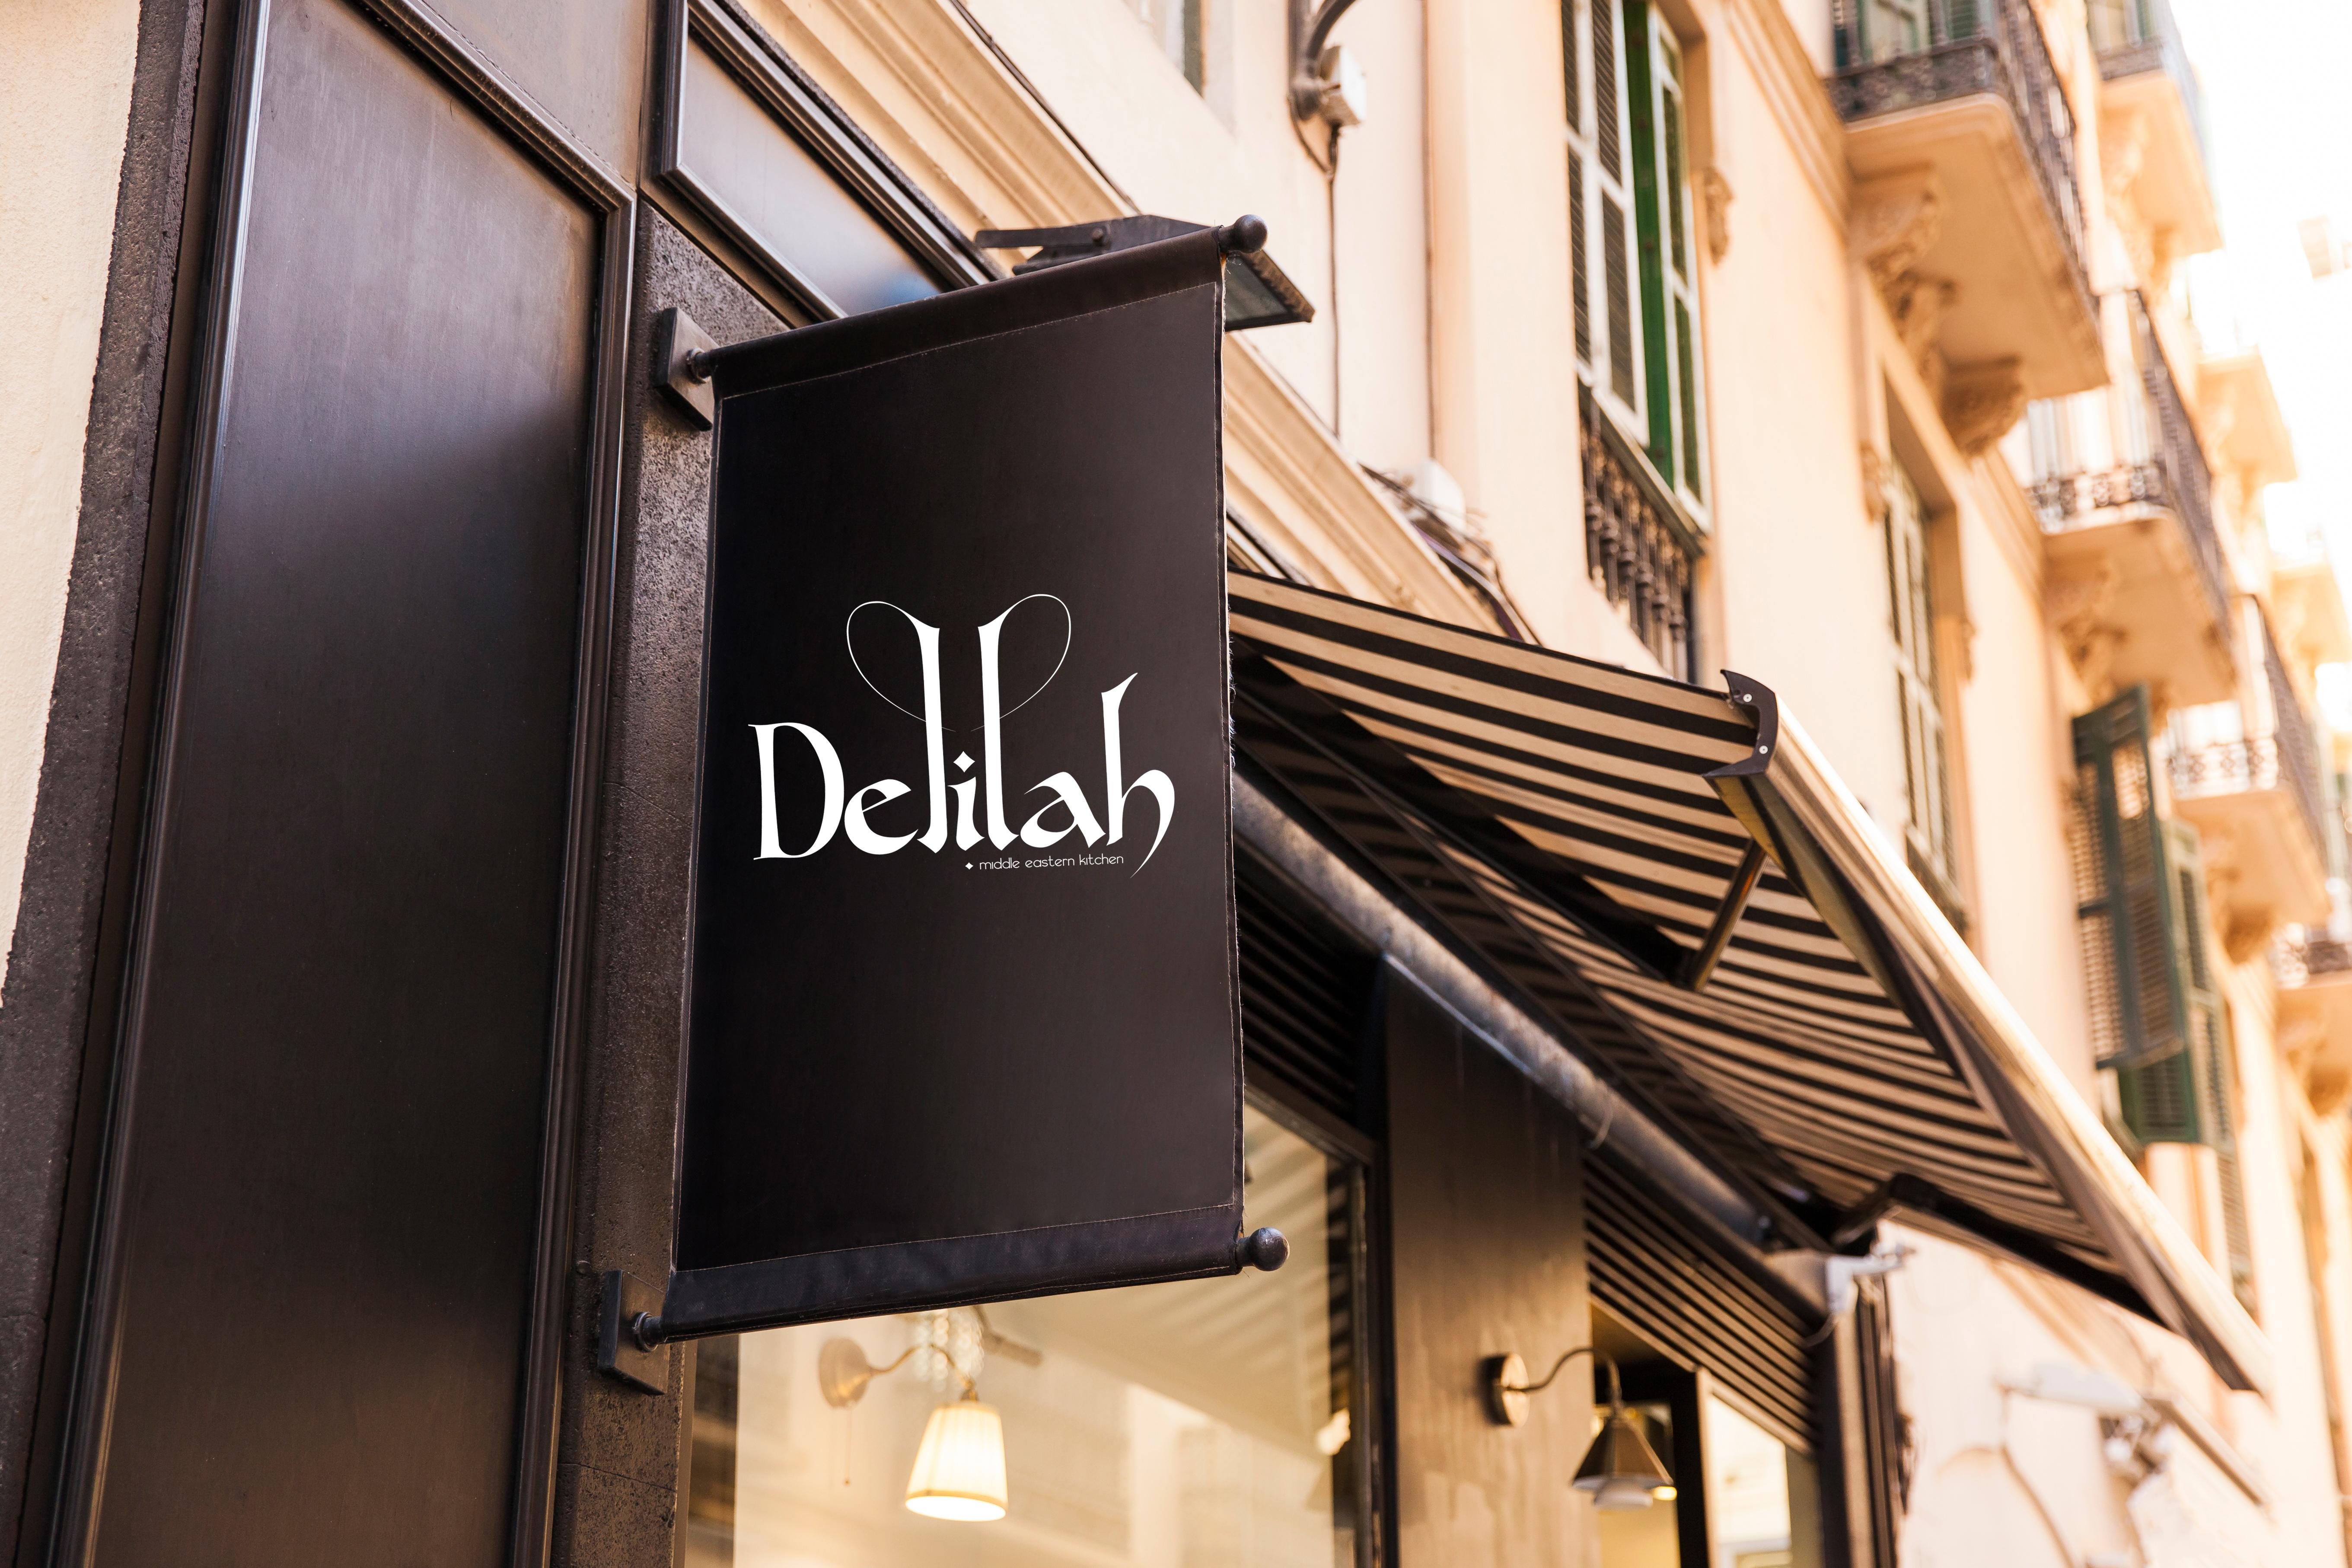 Deliliah